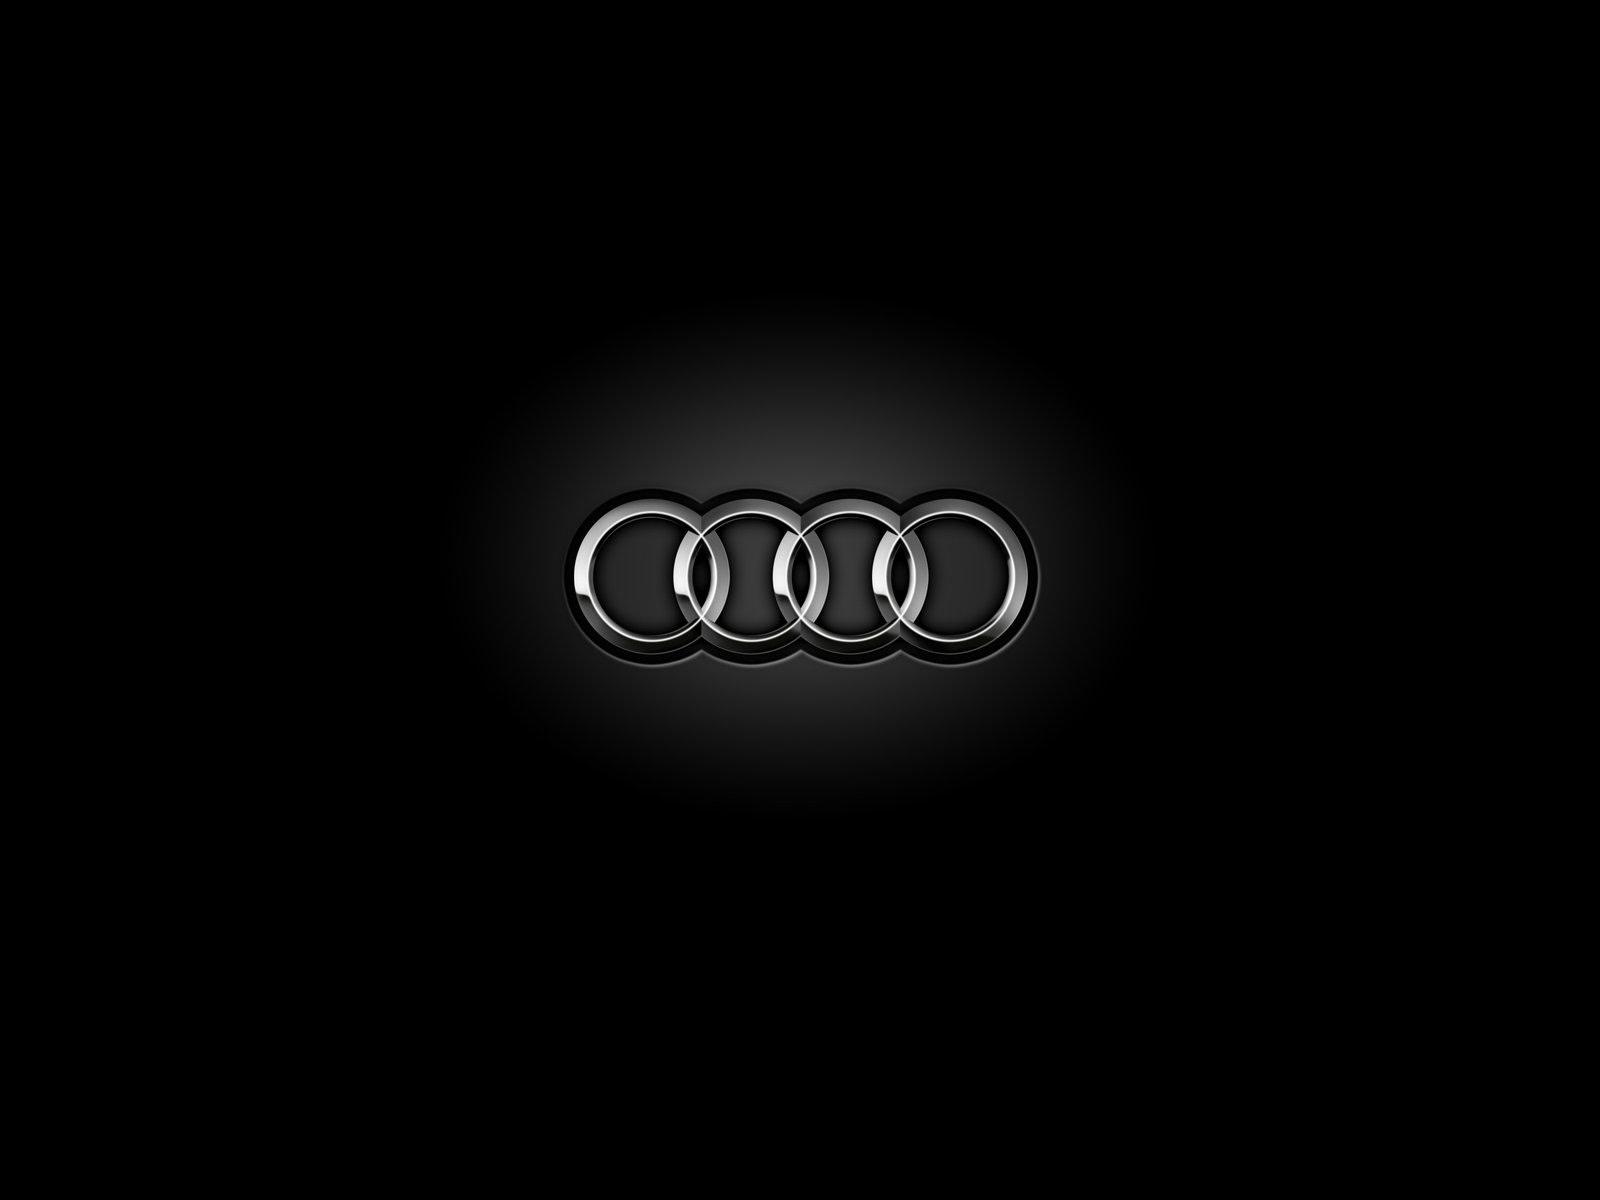 Car Logo Wallpaper  WallpaperSafari